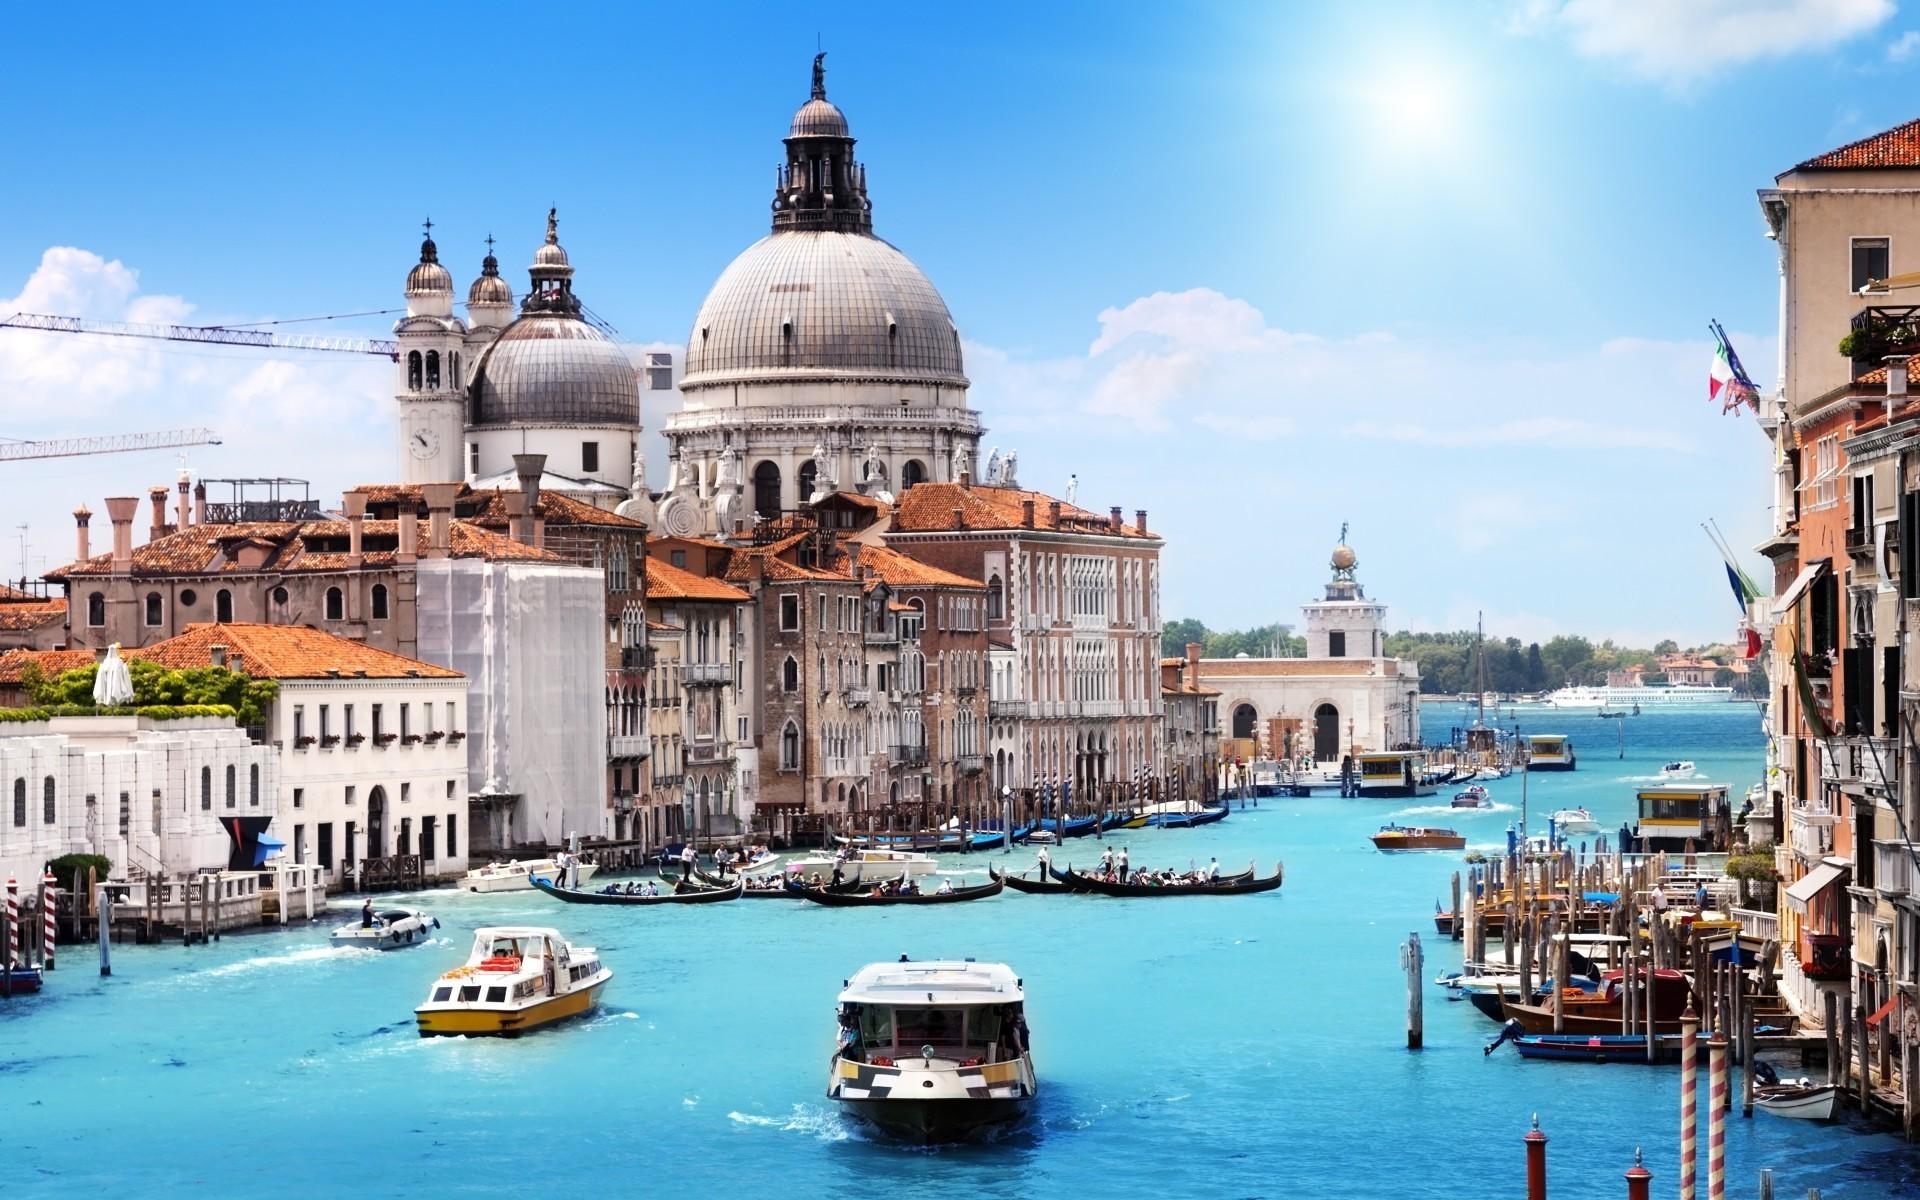 Wallpaper Landscape Boat Sea City Cityscape Italy